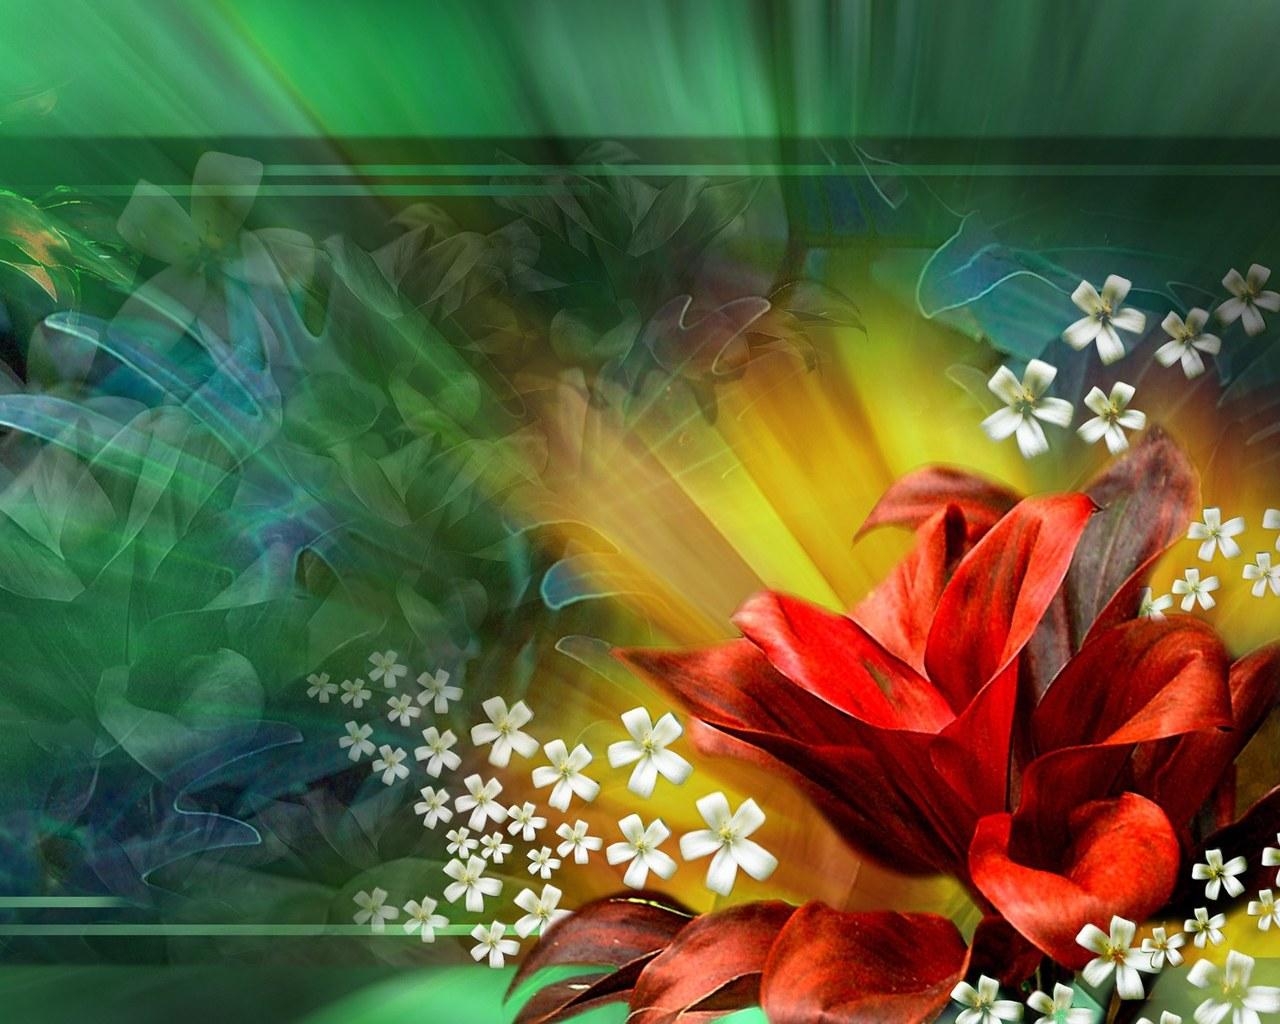 Wallpapers background Ansichten 241 1280x1024